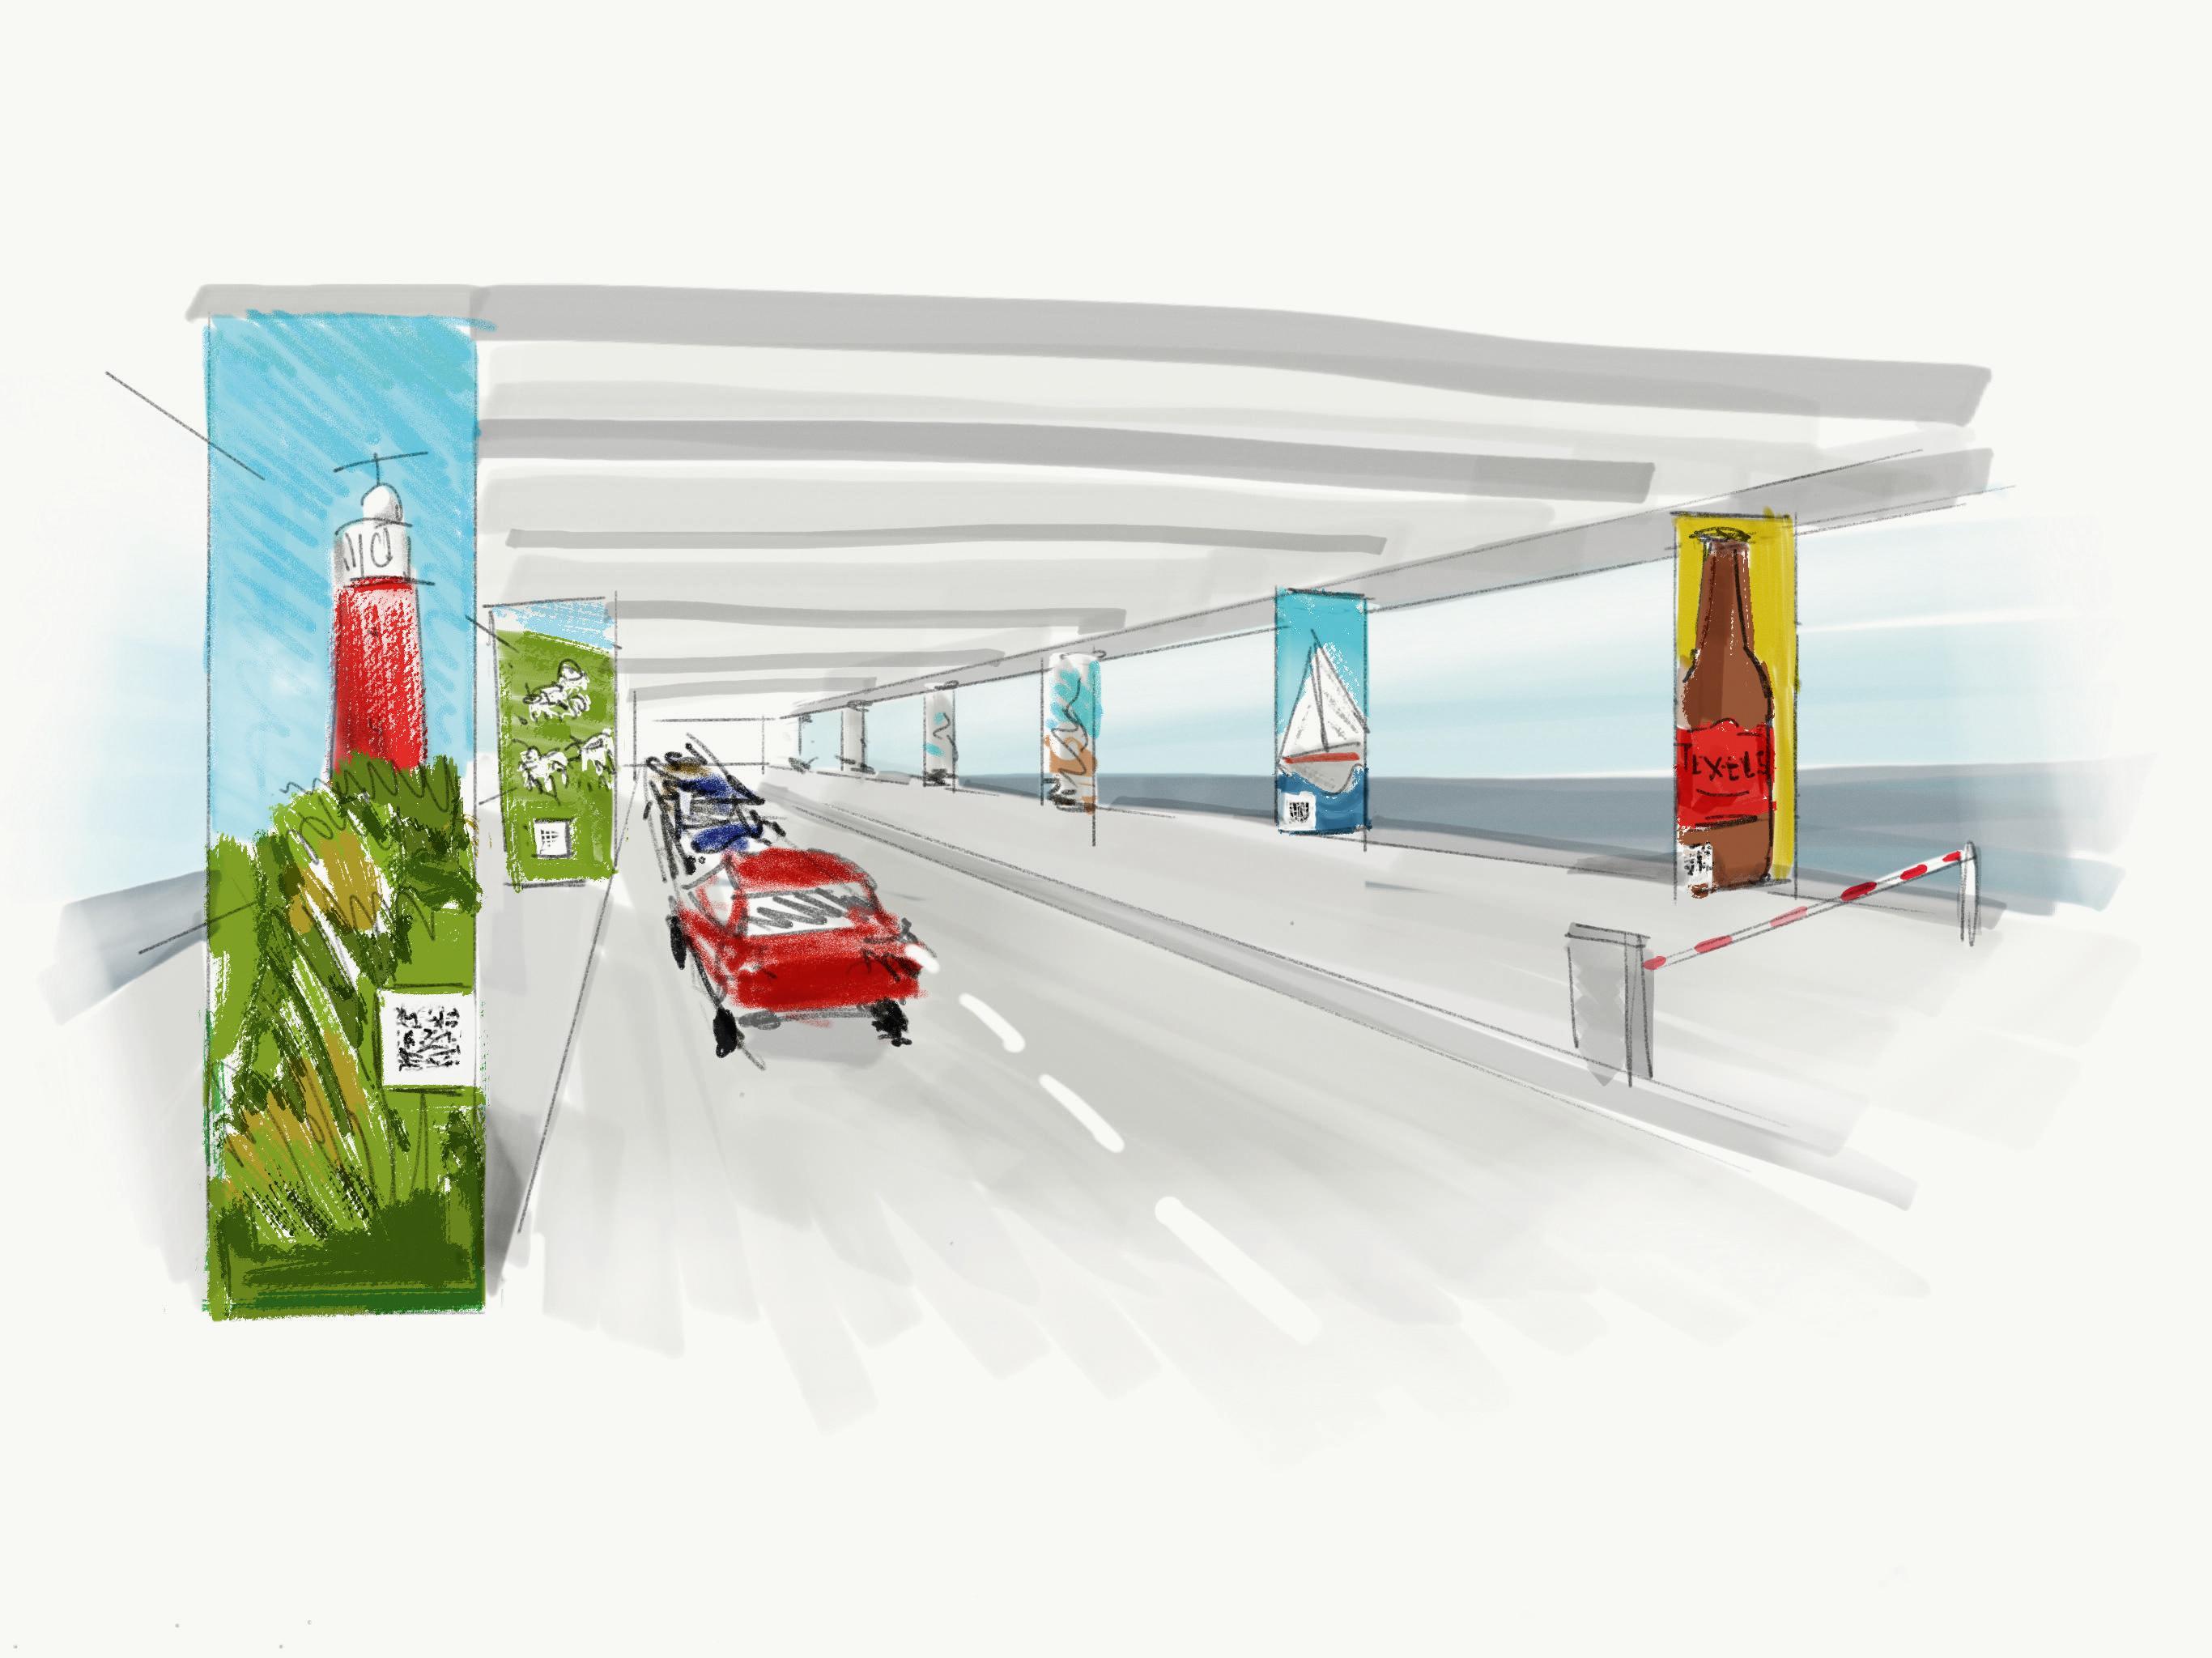 Kleurige schilderingen op de betonnen pilaren in de Tesohaven om 'het Oostblokgevoel' weg te nemen